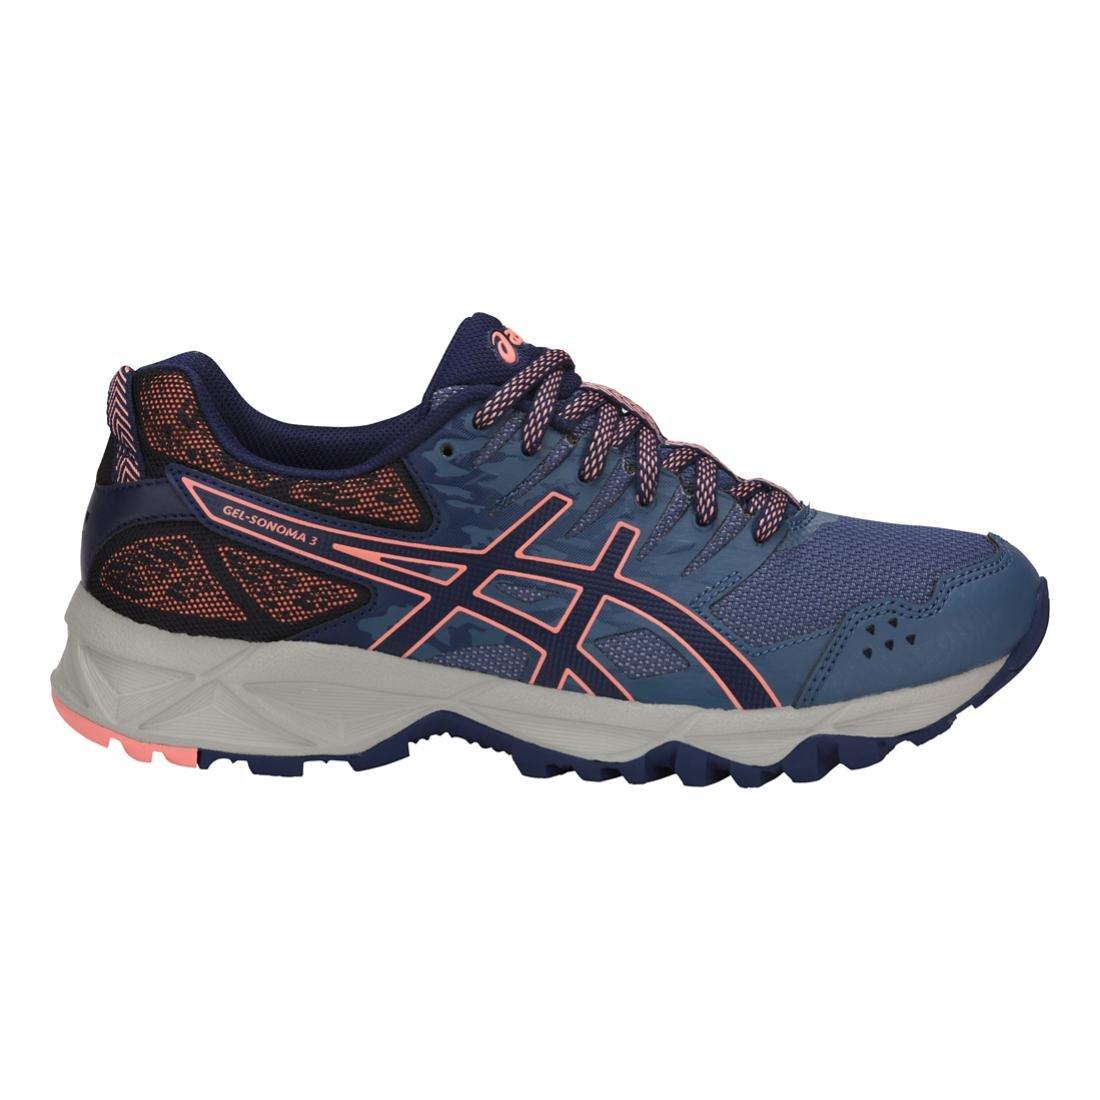 ASICS Women's Gel-Sonoma 3 Trail Runner B071FCL8CB 5.5 B(M) US|Smoke Blue/Indigo Blue/Begonia Pink